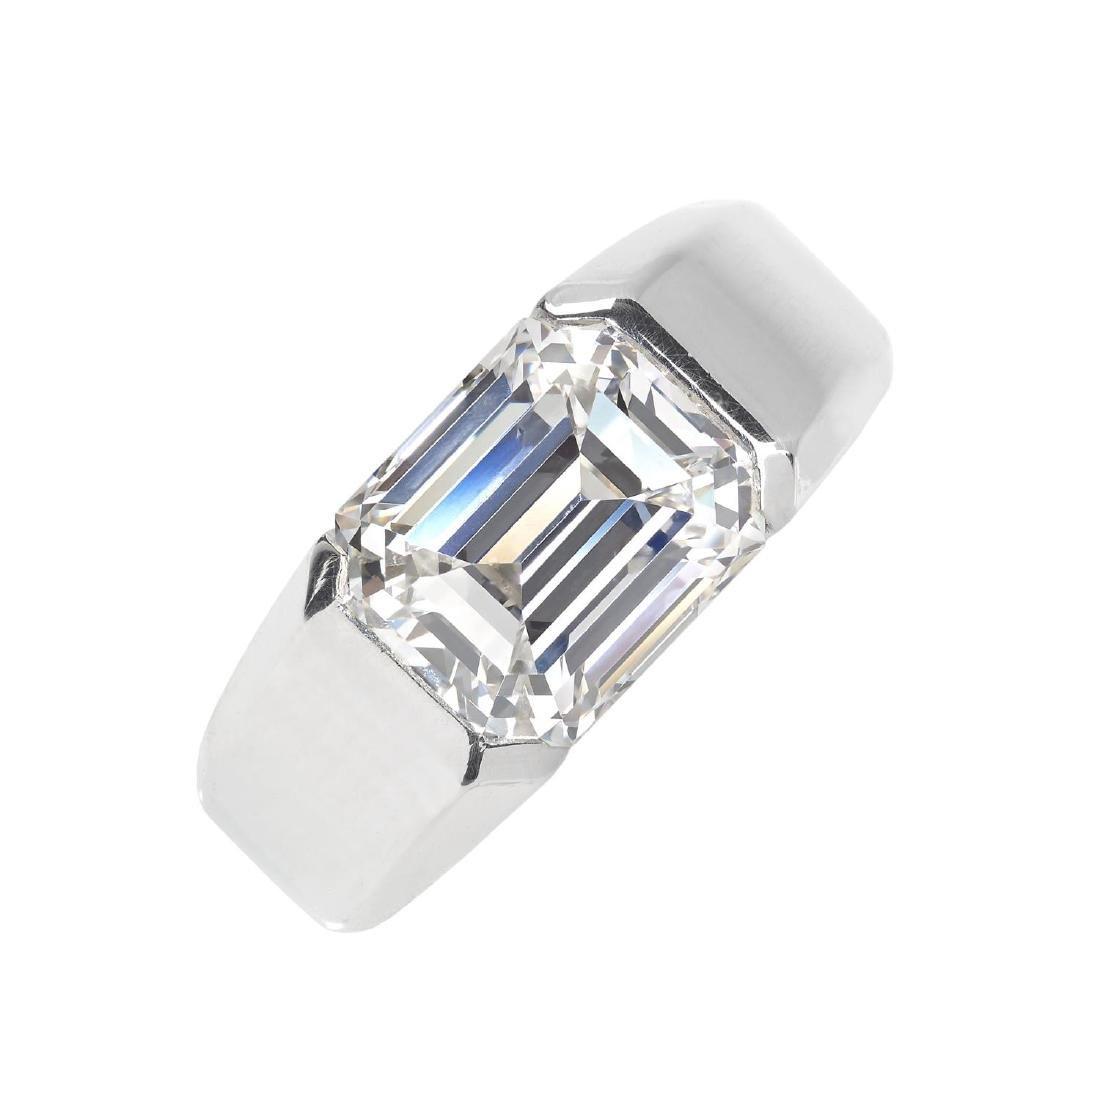 CARTIER - a platinum diamond 'Lia' ring. The